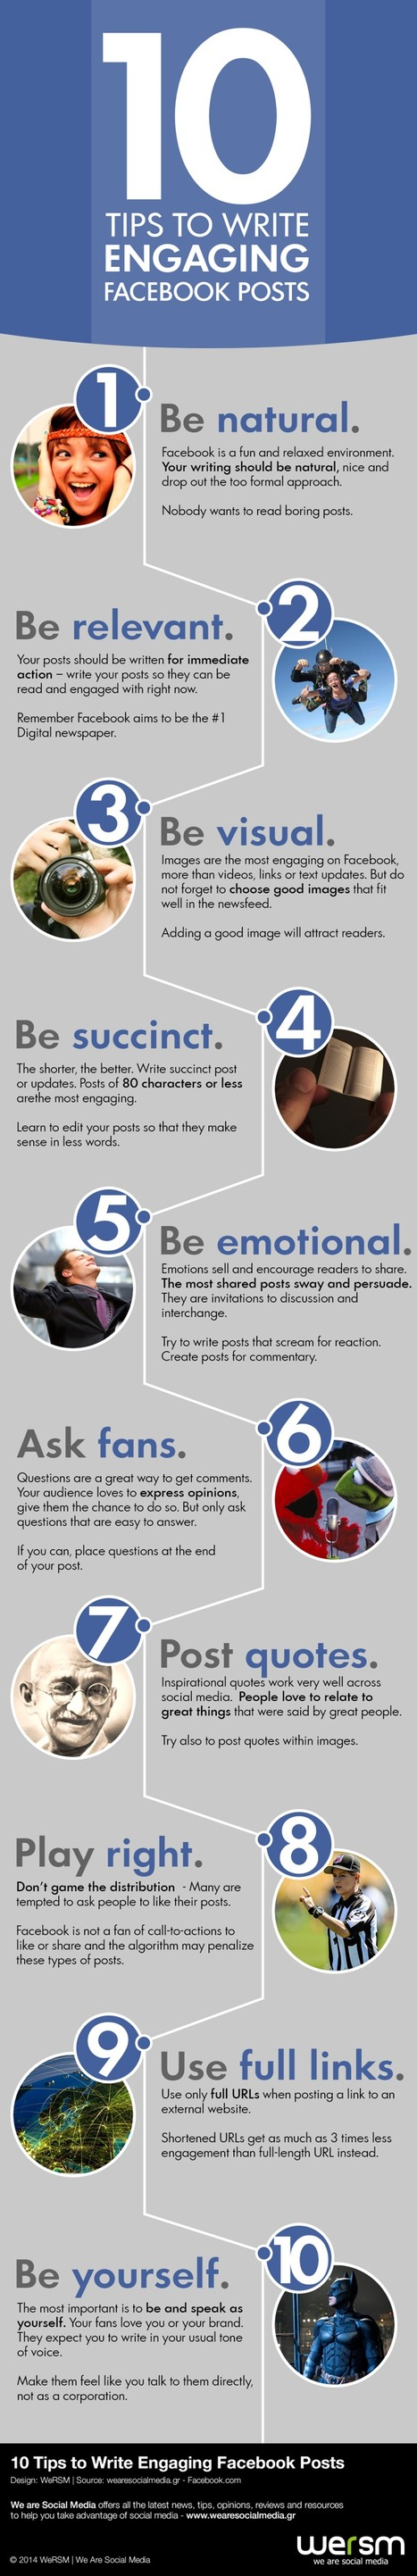 10 Tips to Write Engaging Facebook Posts | Les réseaux sociaux et vous? | Scoop.it